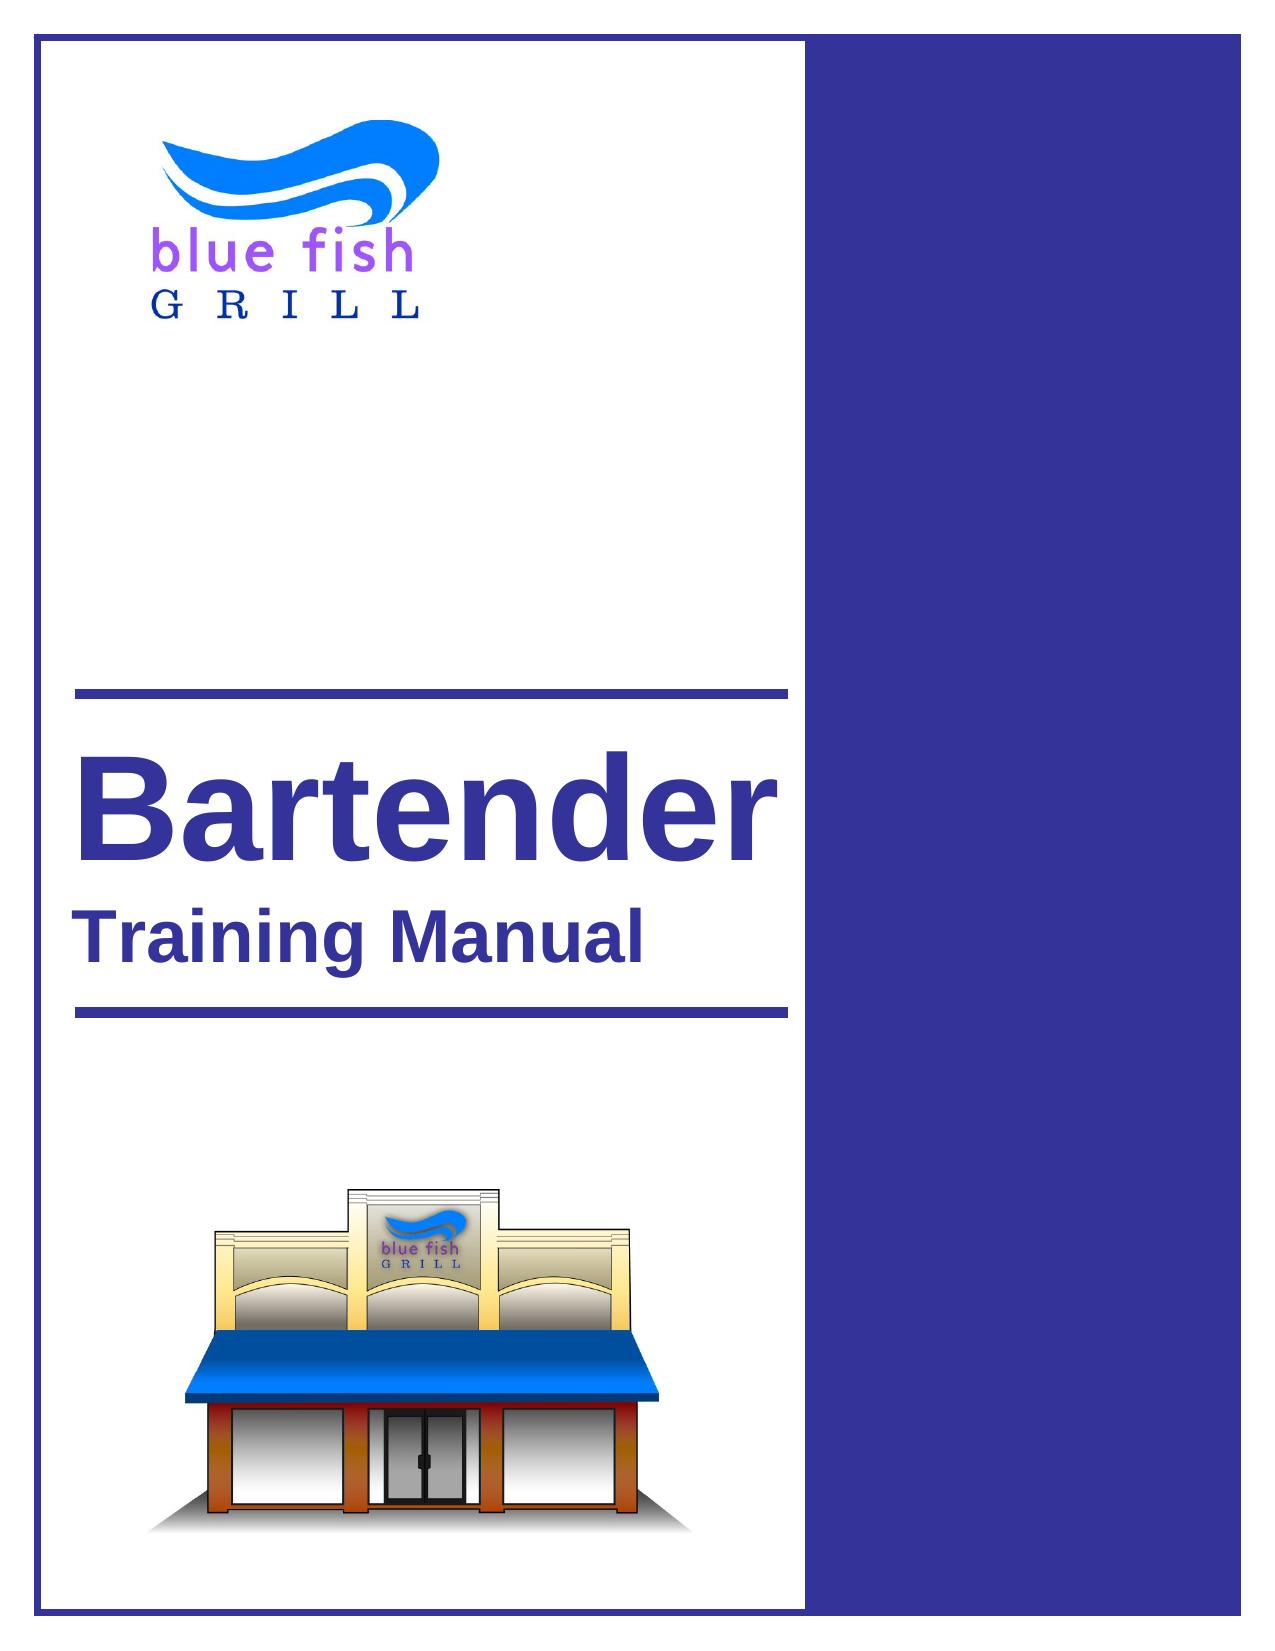 Bartender Training Manual